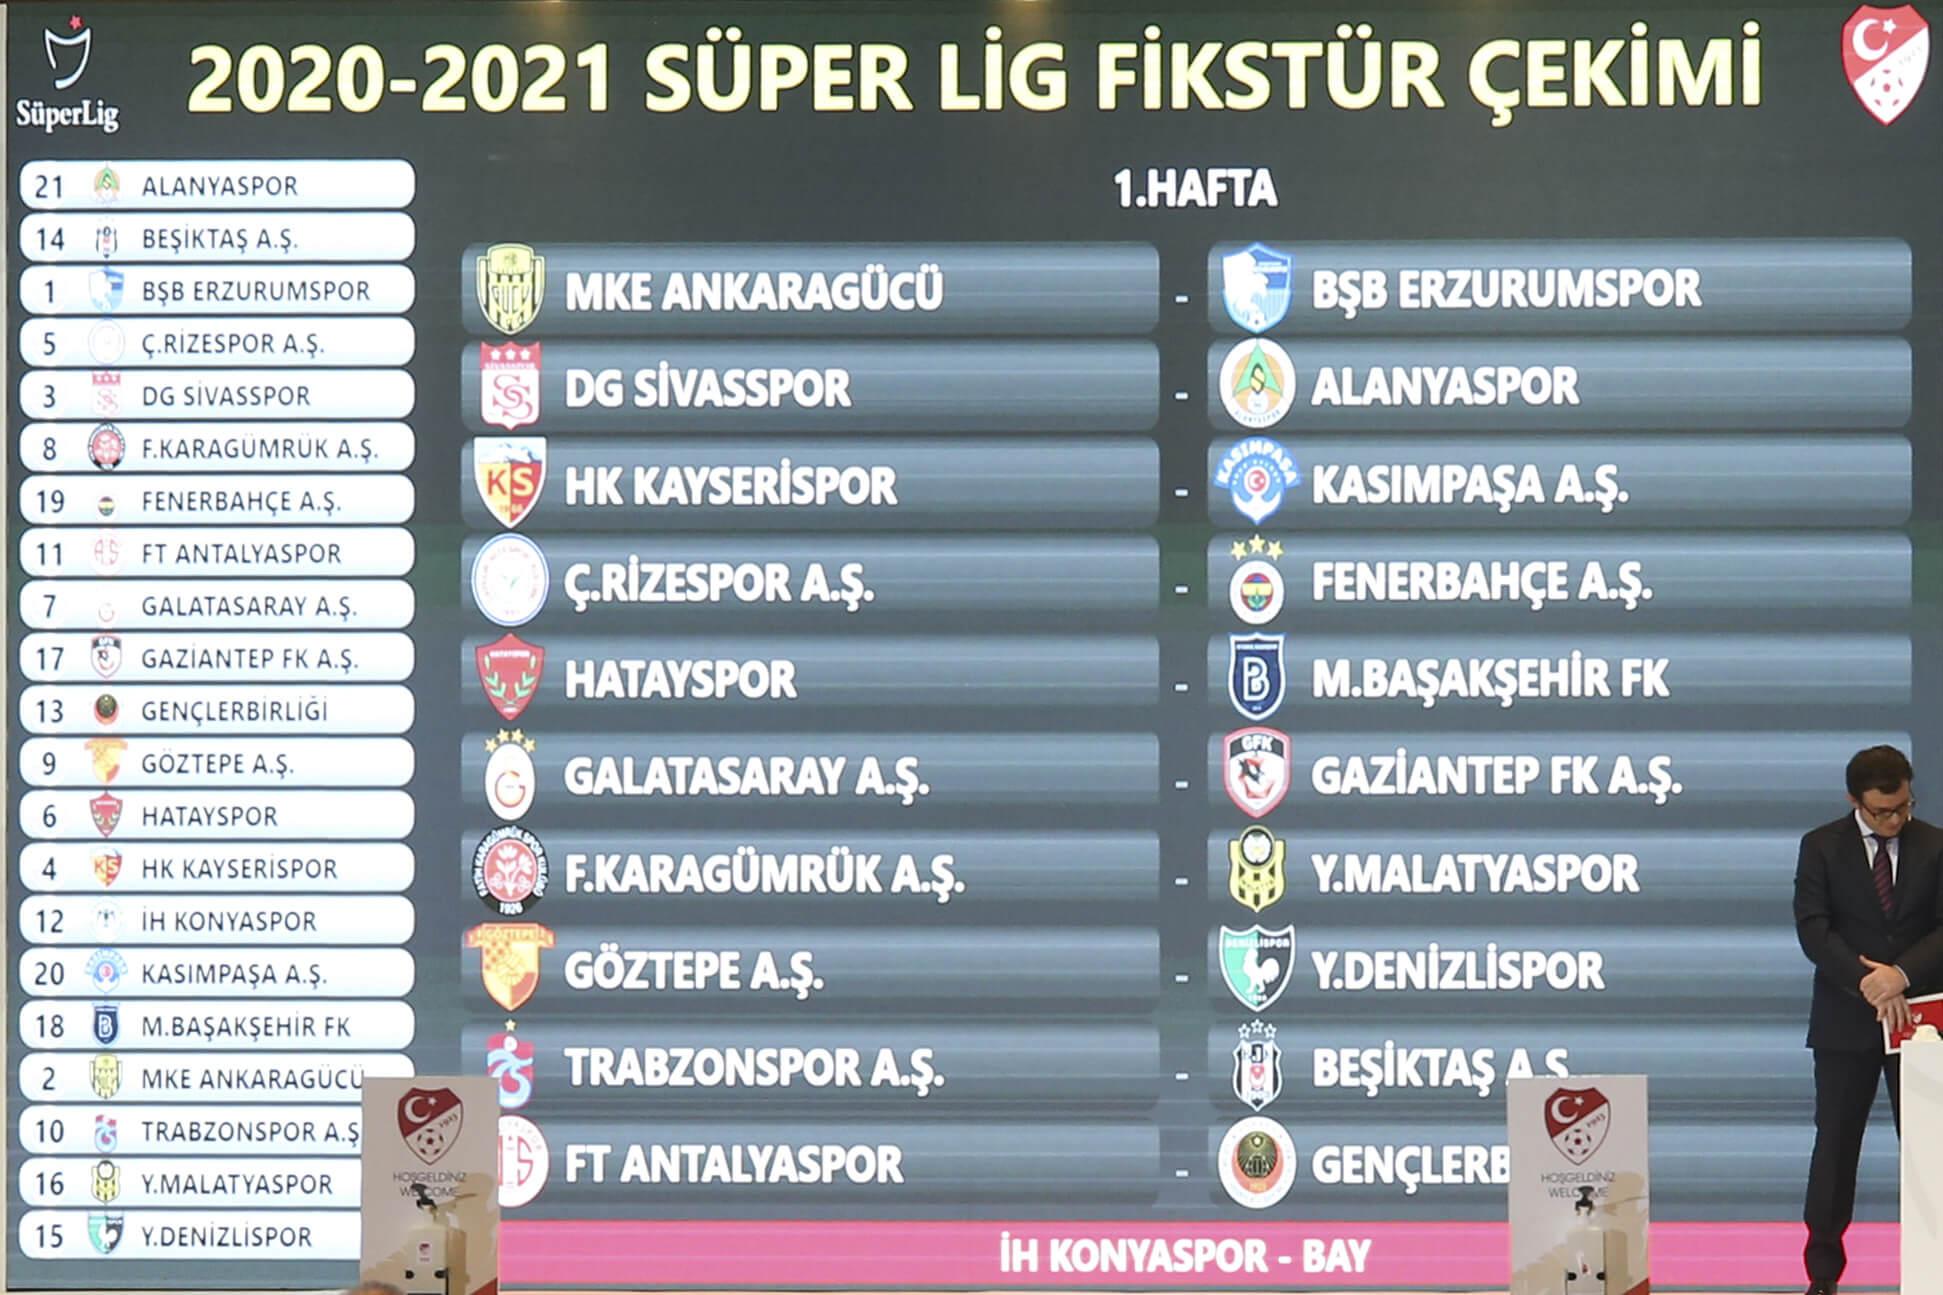 Süper Lig'de, 2020-2021 sezonunun fikstür çekimi yapıldı